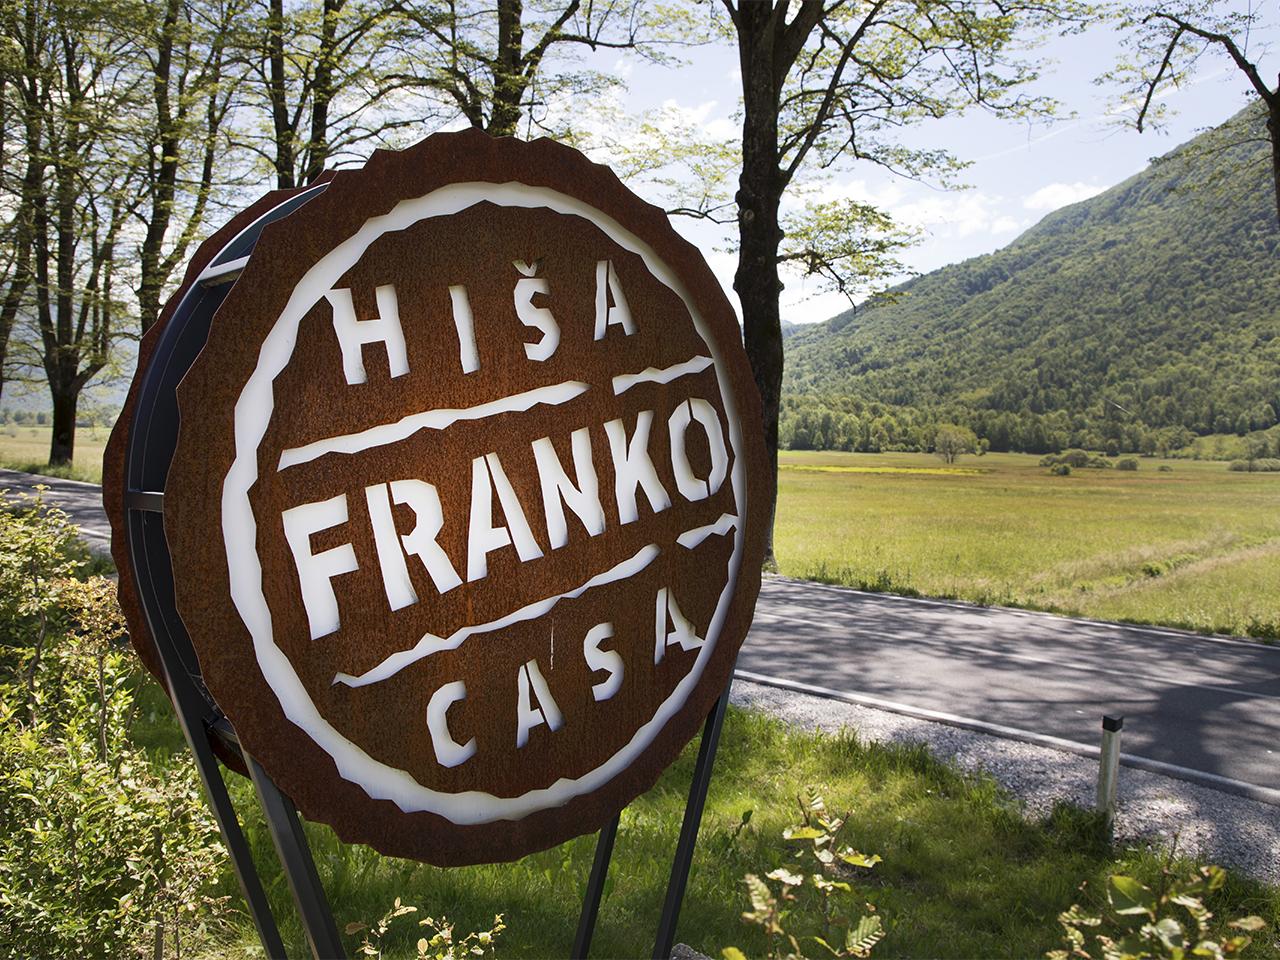 Hiša Franko